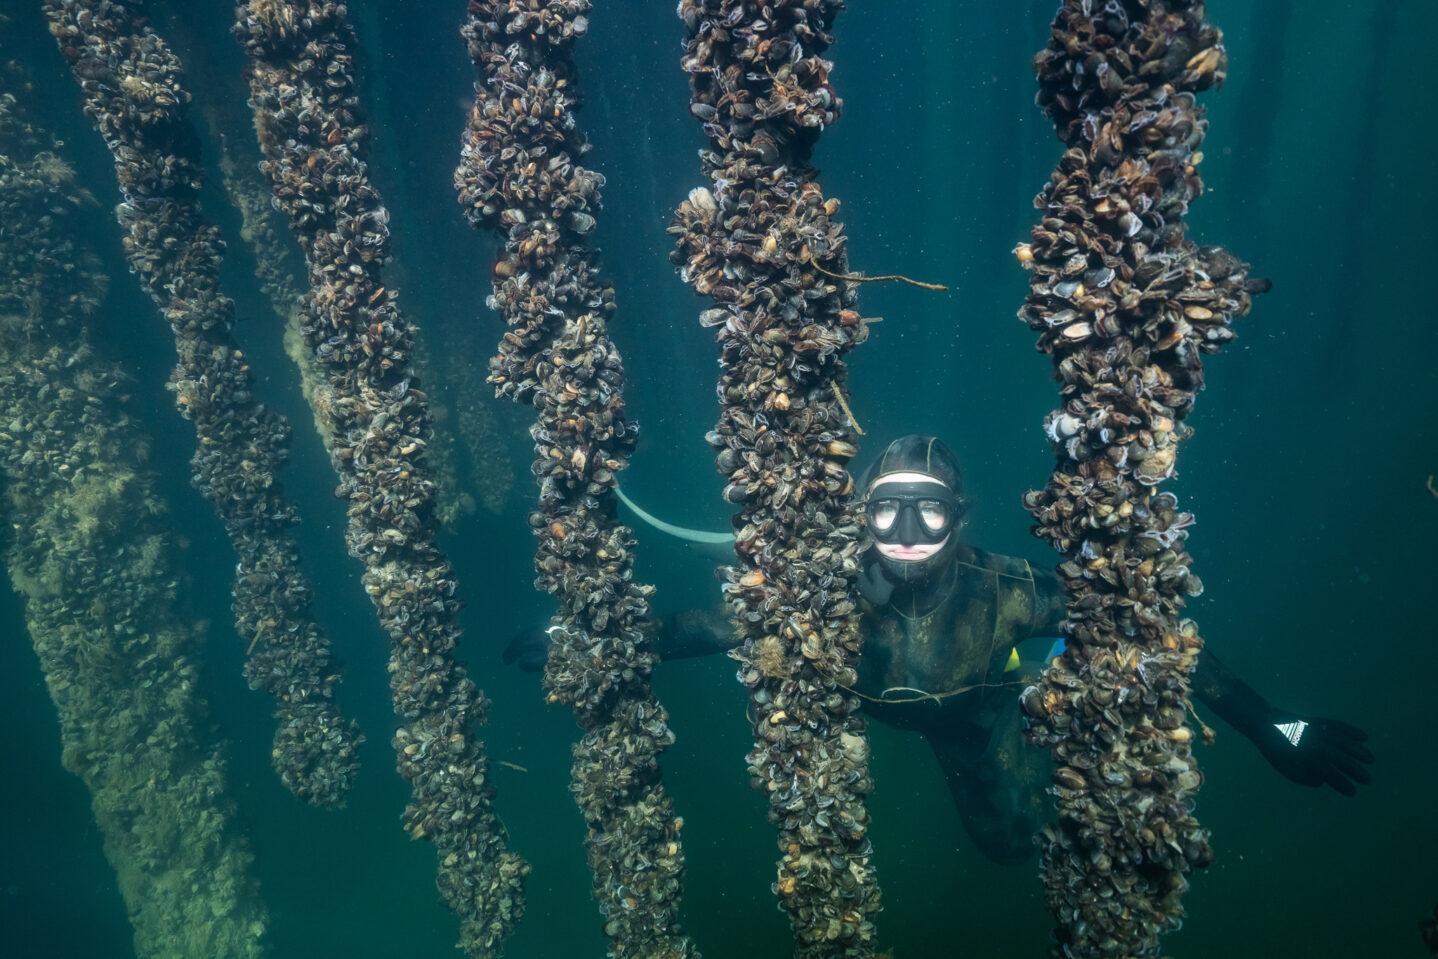 Undervandsfoto fra Bølgemarken i København (fotograf: Lars Hestbæk)